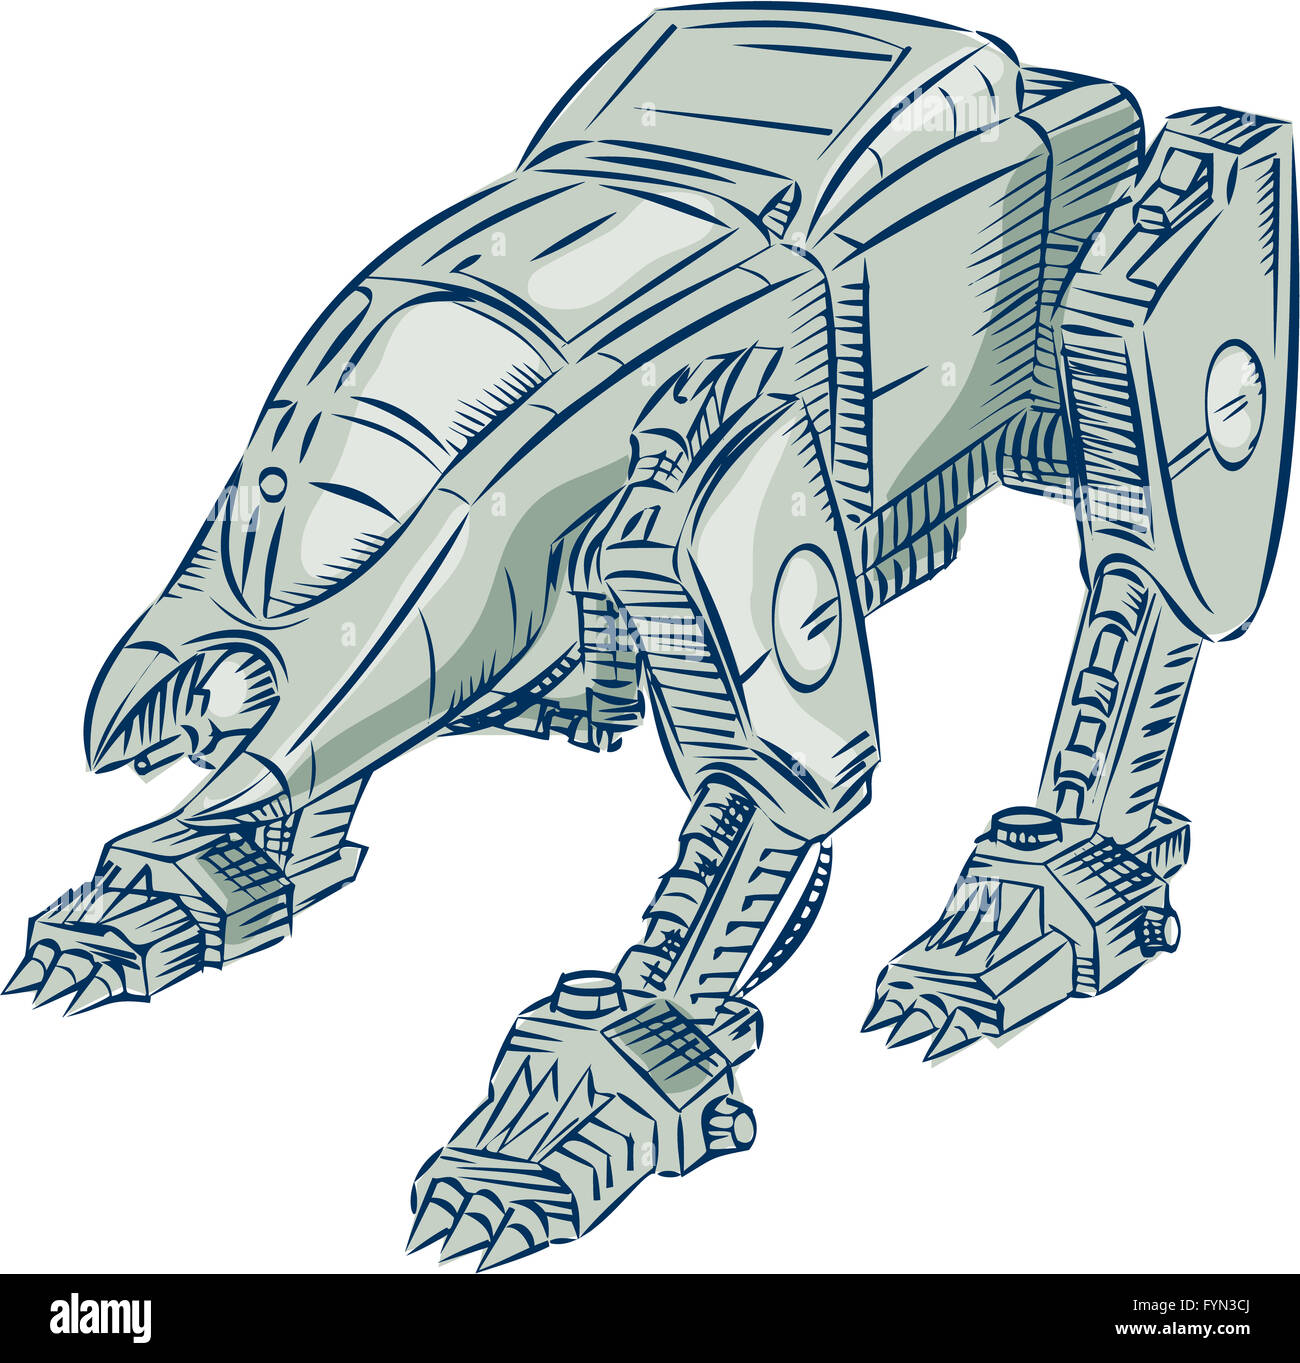 Mecha Bot High Angle Etching - Stock Image